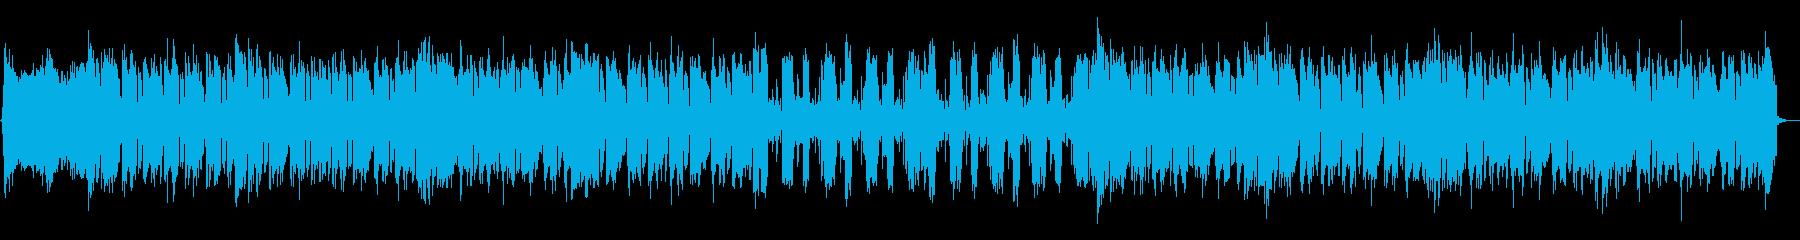 eSports サイバー ロックメロ無しの再生済みの波形